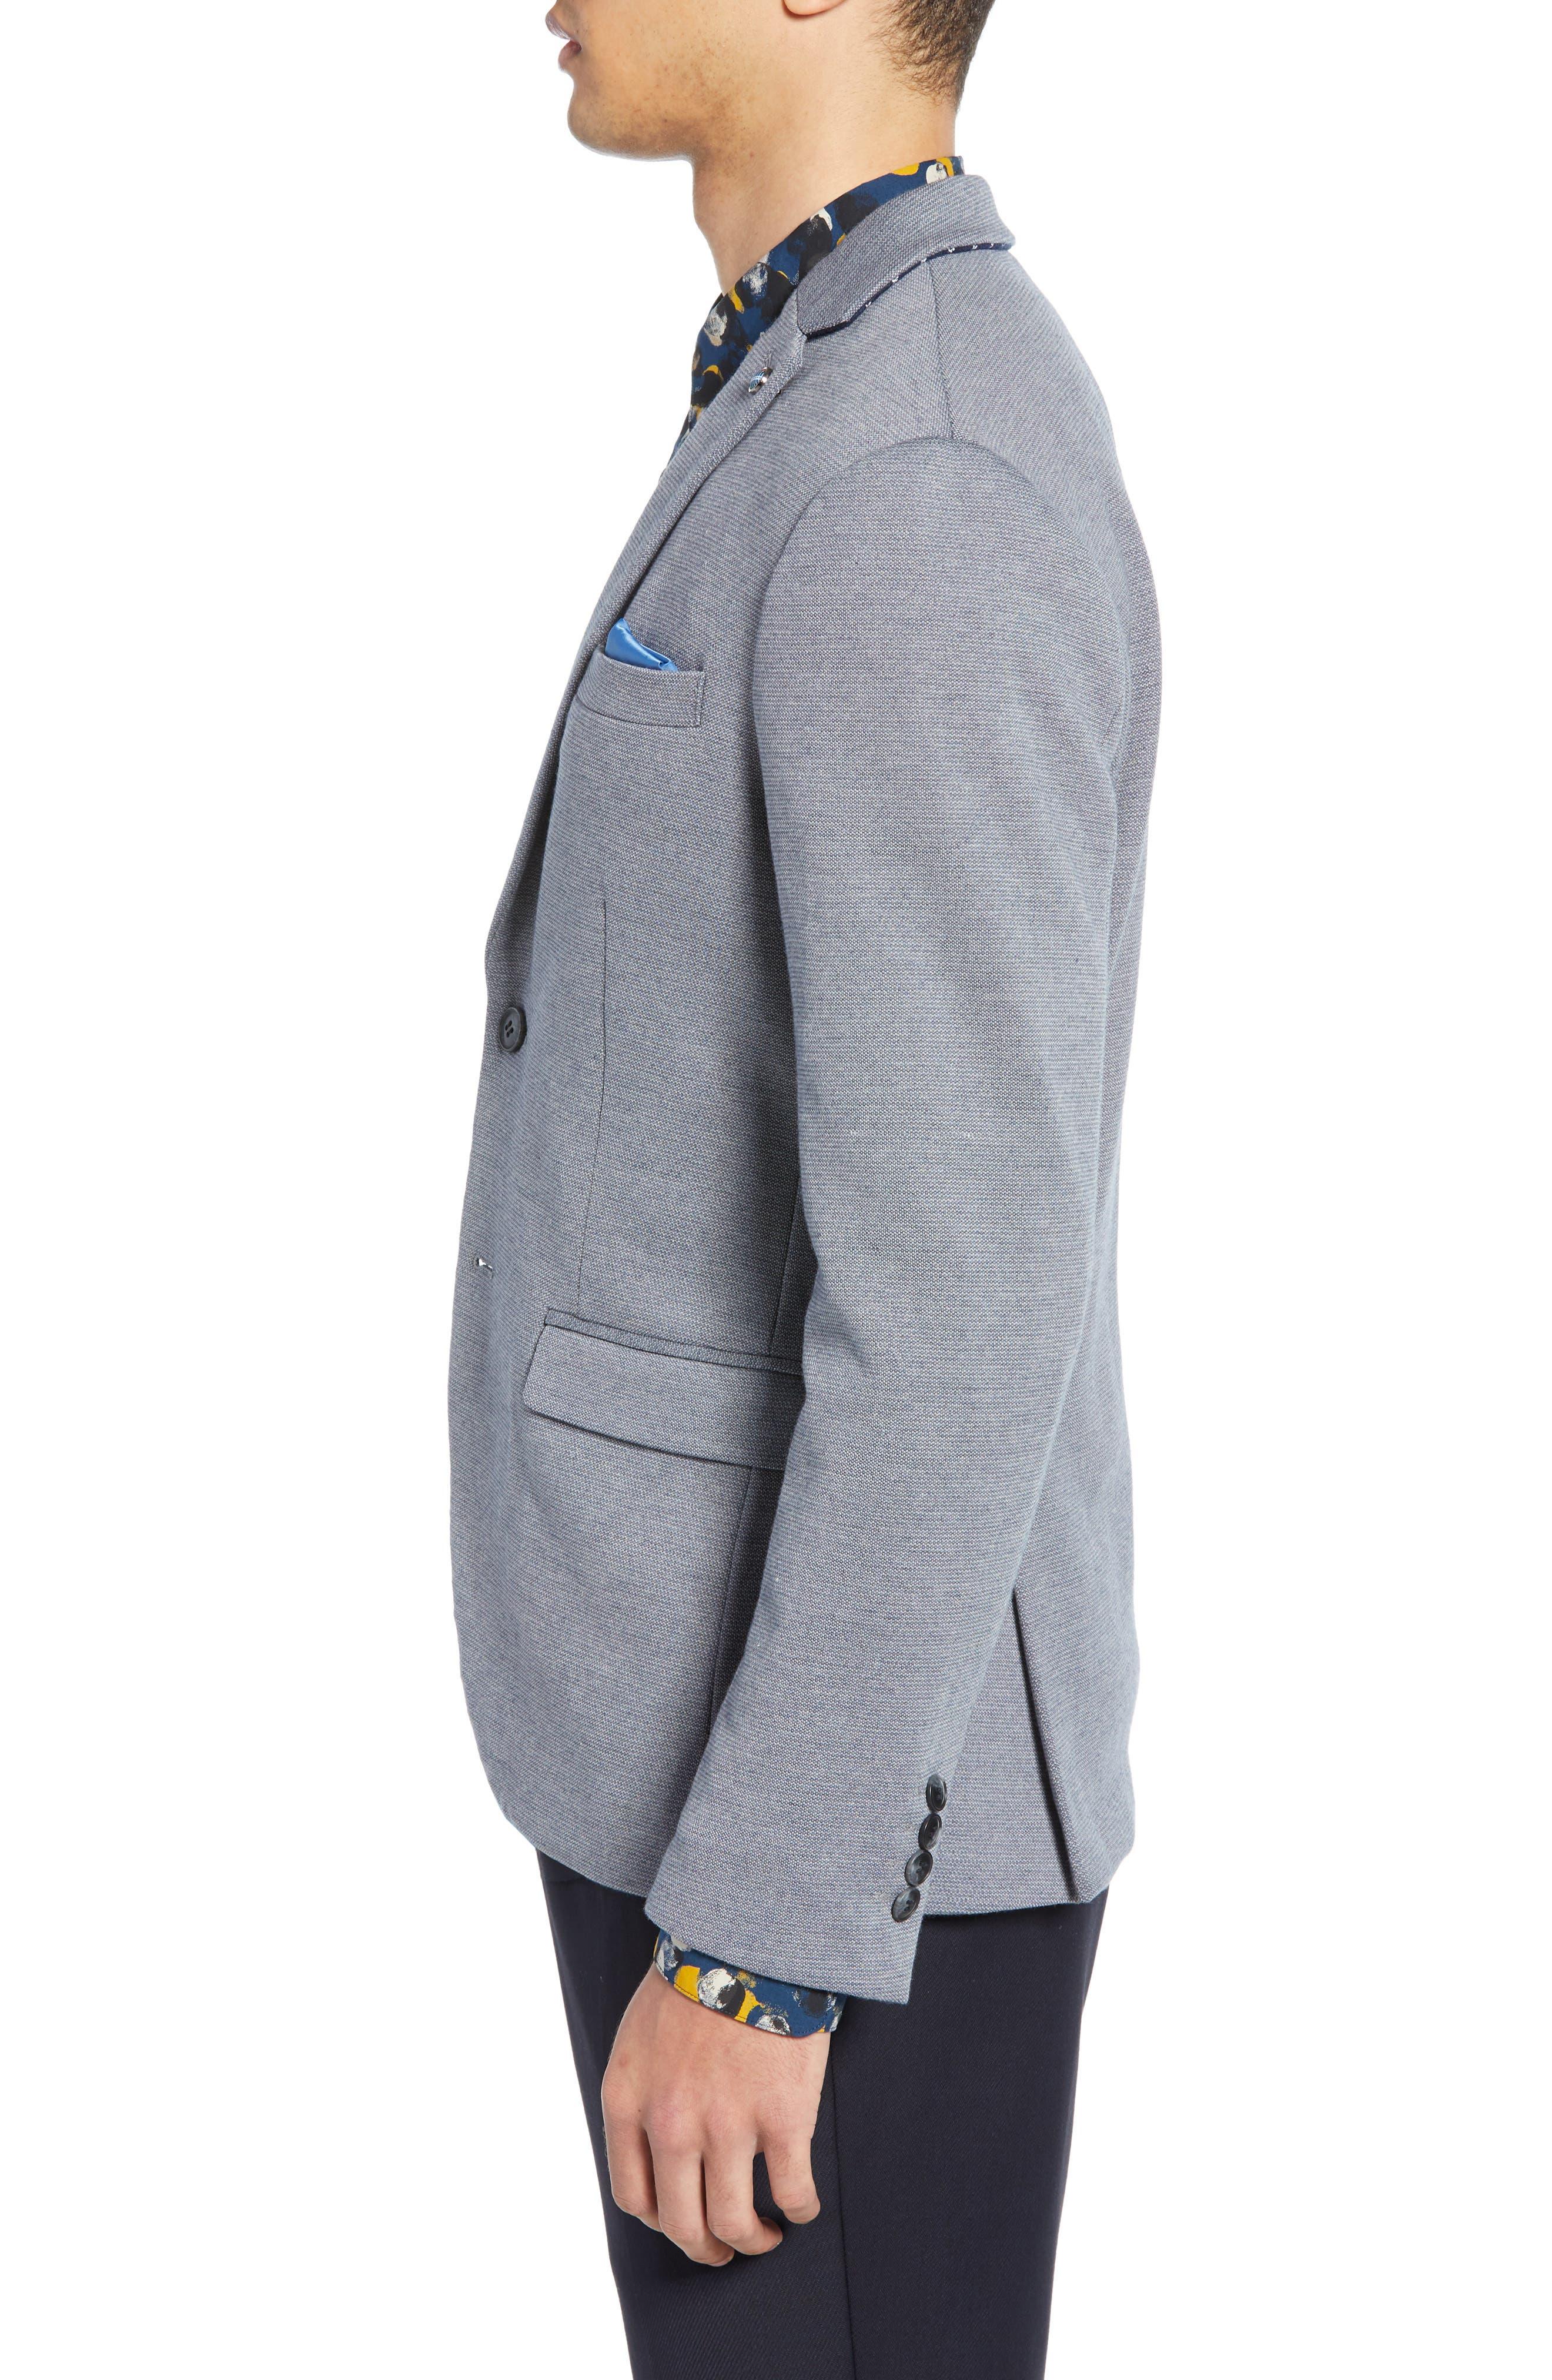 SELECTED HOMME, Slim Fit Sport Coat, Alternate thumbnail 4, color, GREY MELANGE